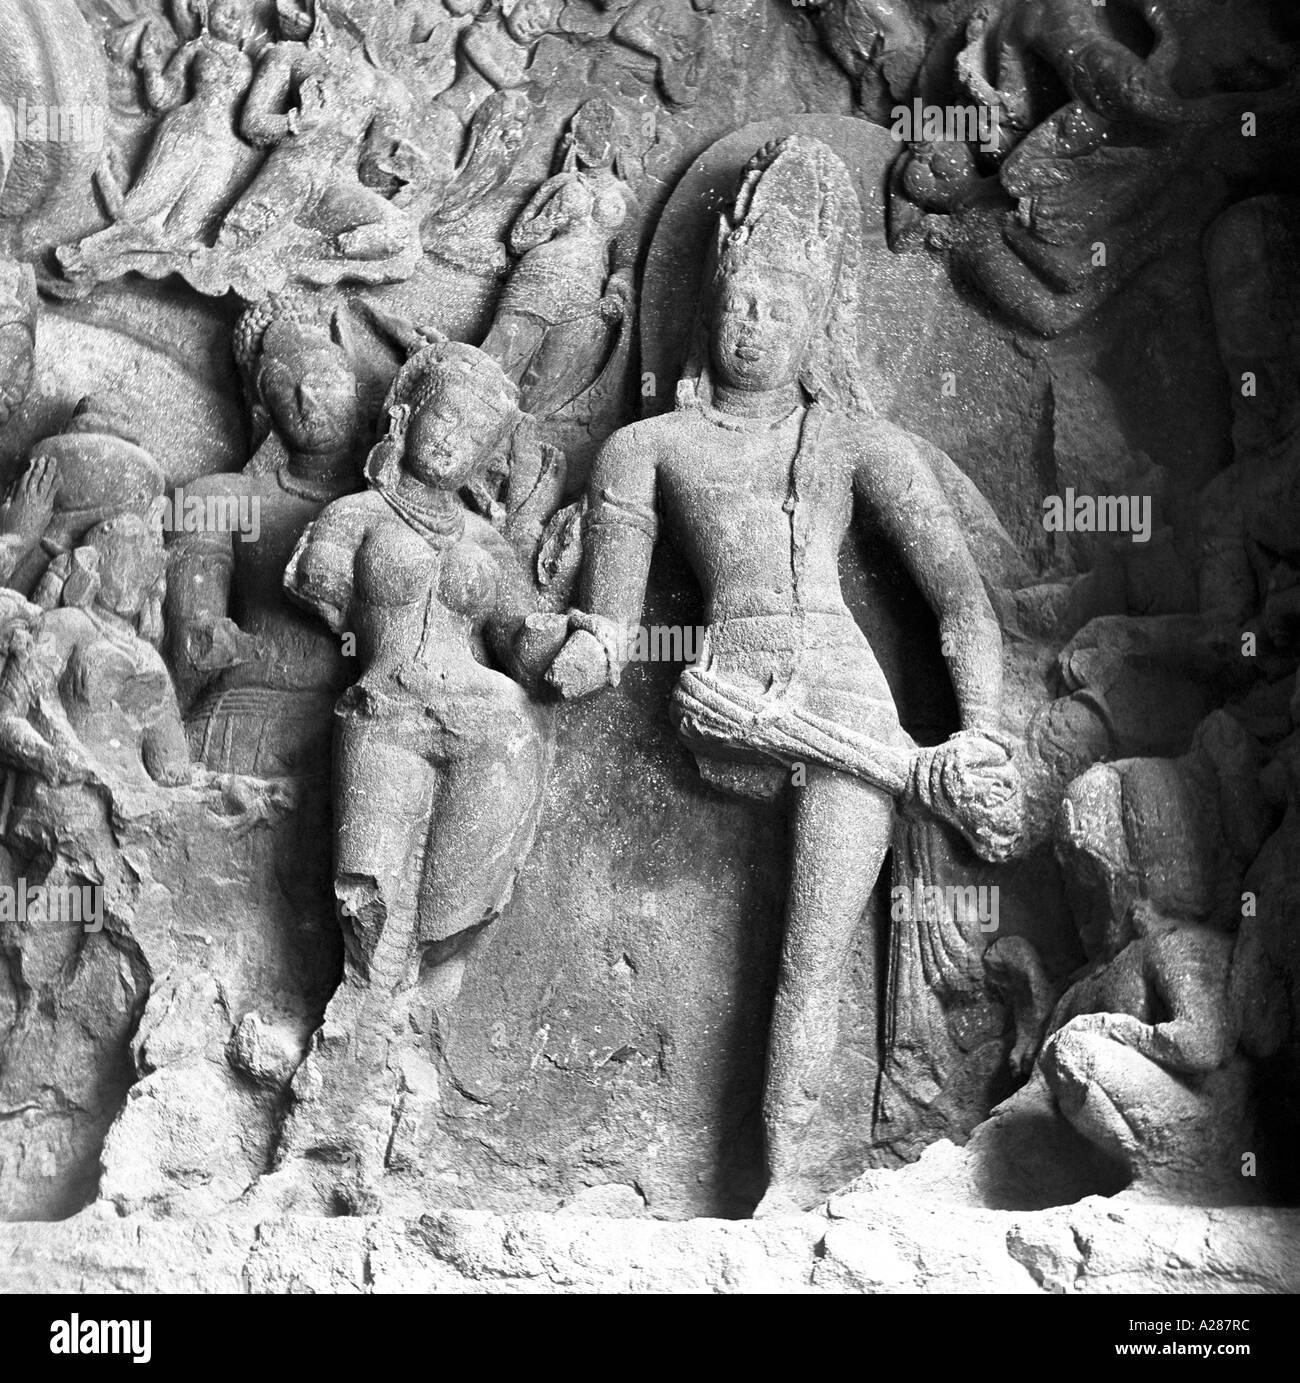 Shiva And Parvathi carved In stone Elephanta Caves Bombay Mumbai India - Stock Image